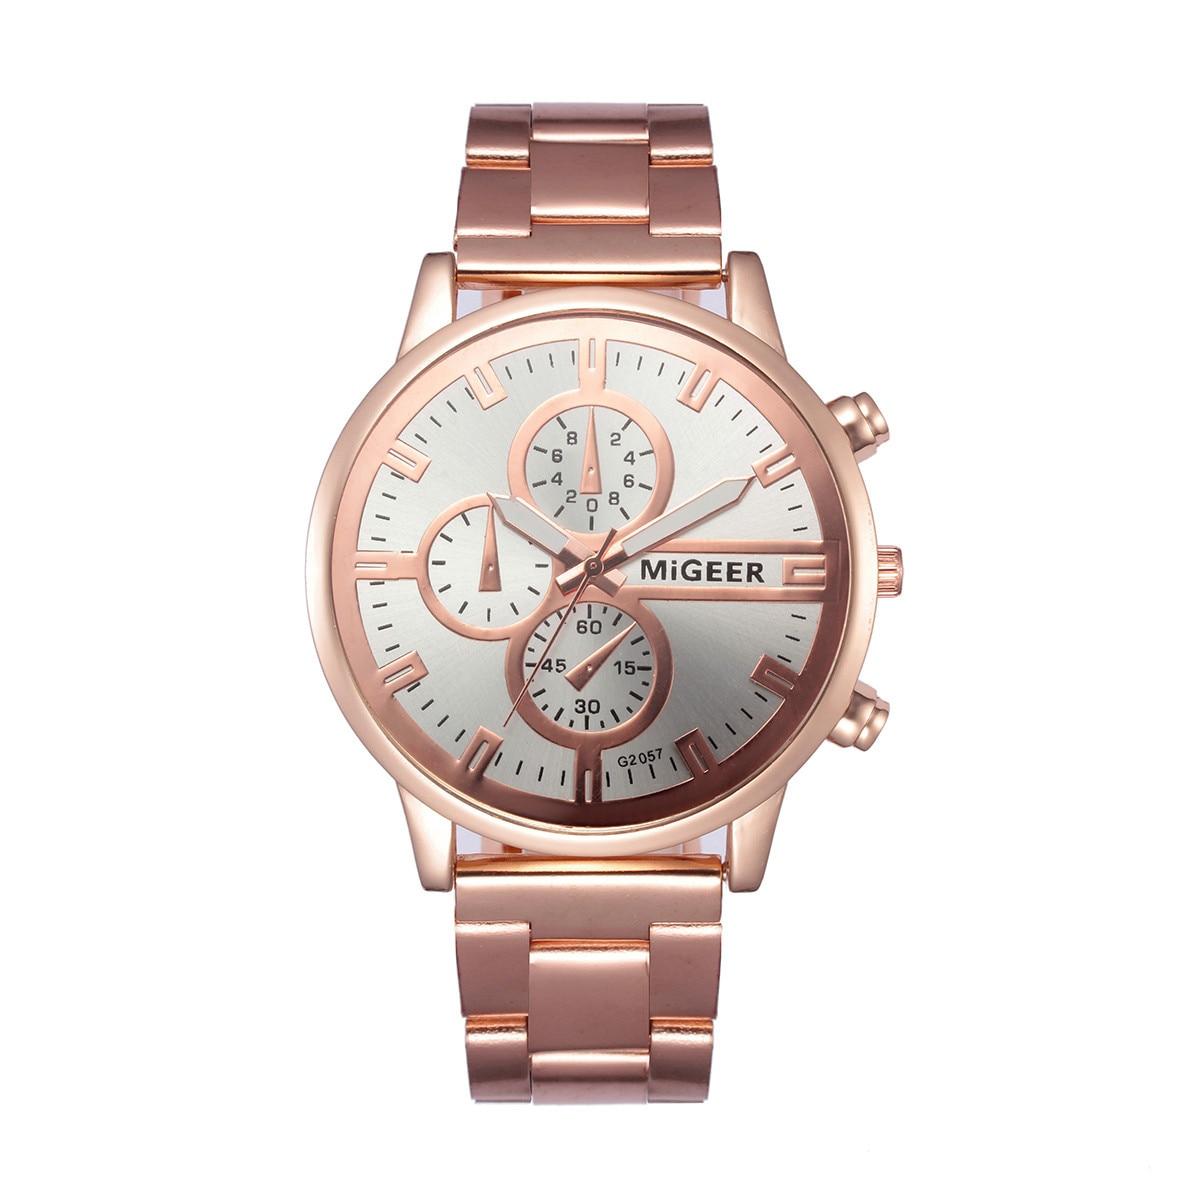 Man Watchs Clock Fashion Man Crystal Stainless Steel Analog Quartz Wrist Watch Retro Men Watches 2018 Luxury Brand montre homme